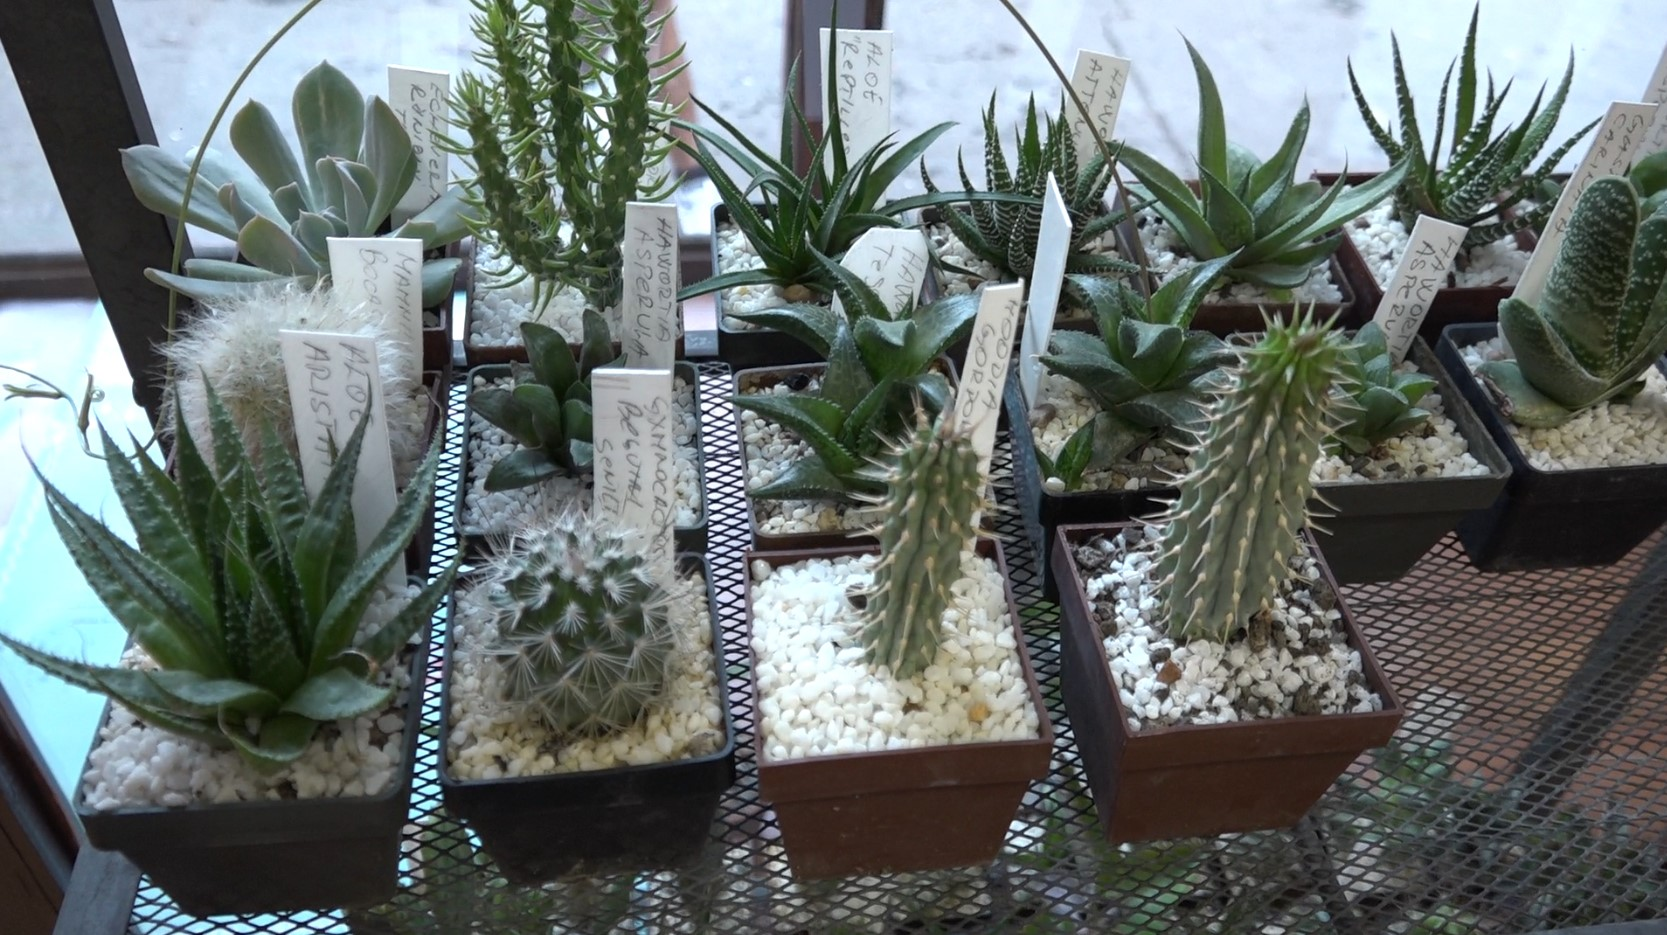 izlozba kaktusa i slika od cveca Bela Crkva